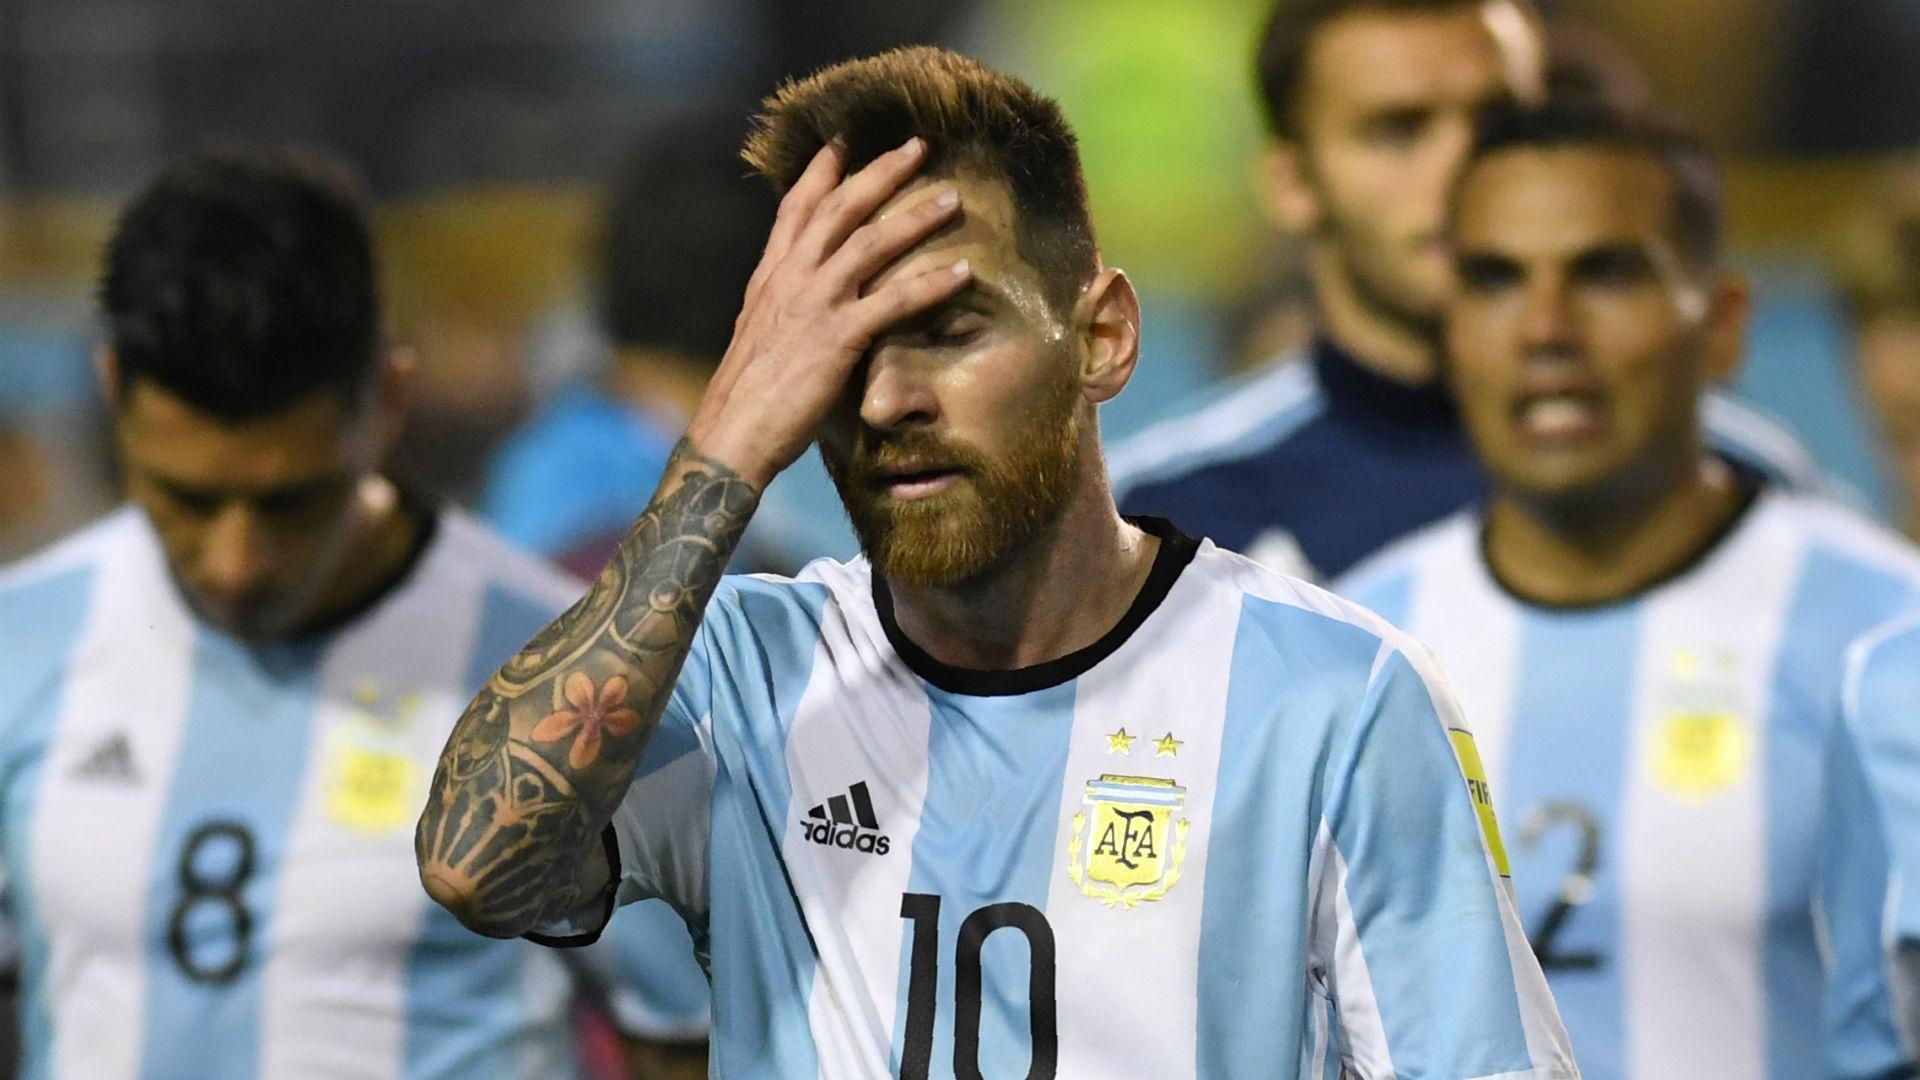 Messi vượt qua cửa tử, nhưng đừng mơ 'vĩ đại' - Bóng Đá